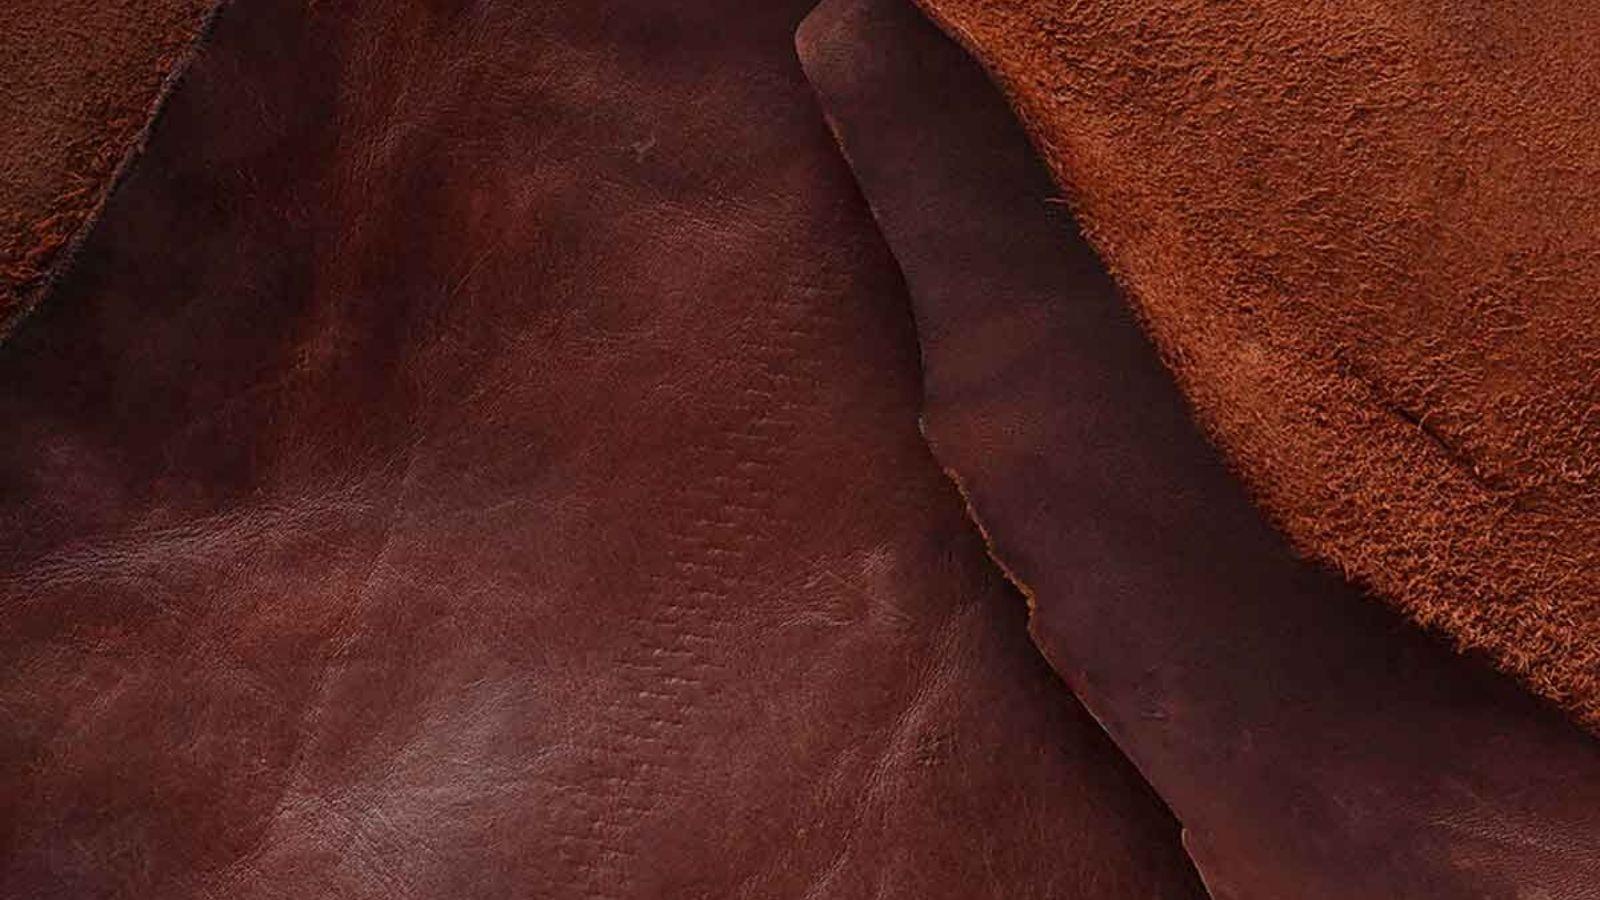 La concia delle pelli: un'arte tutta italiana